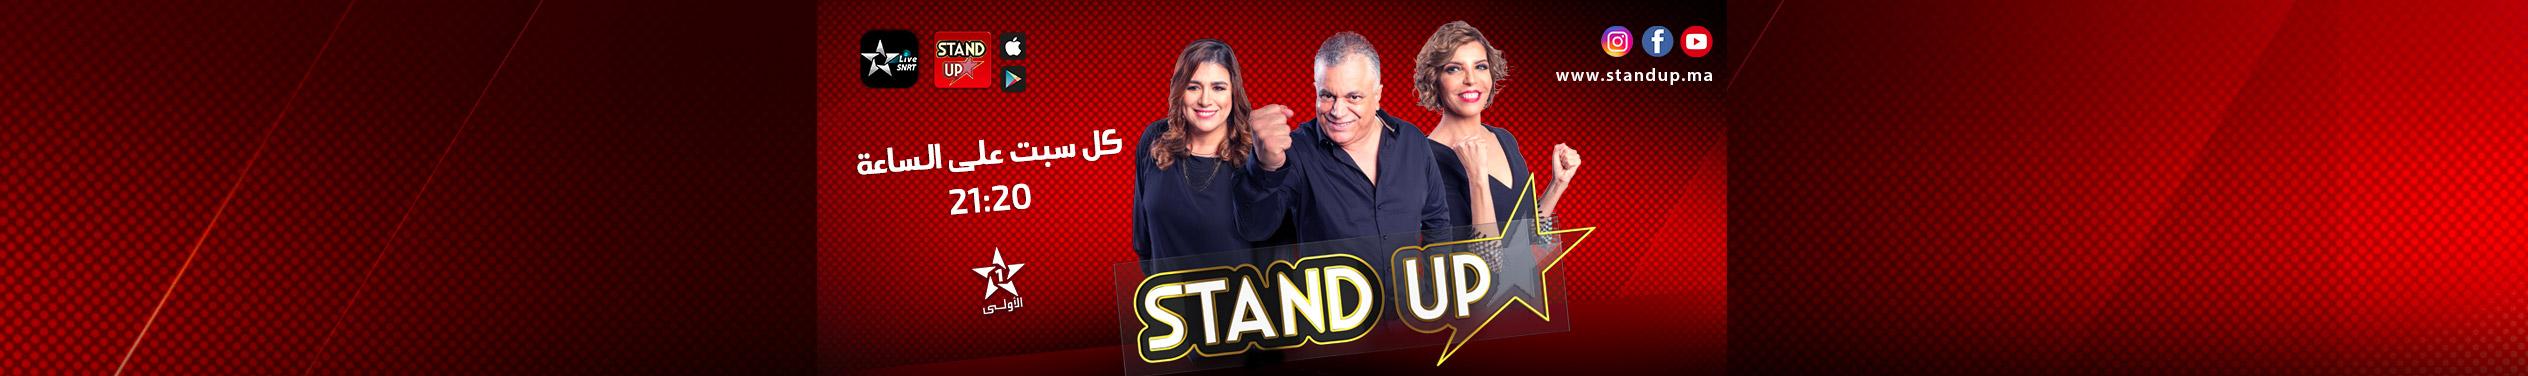 slider-snrt-standup-slider-alaoula-new